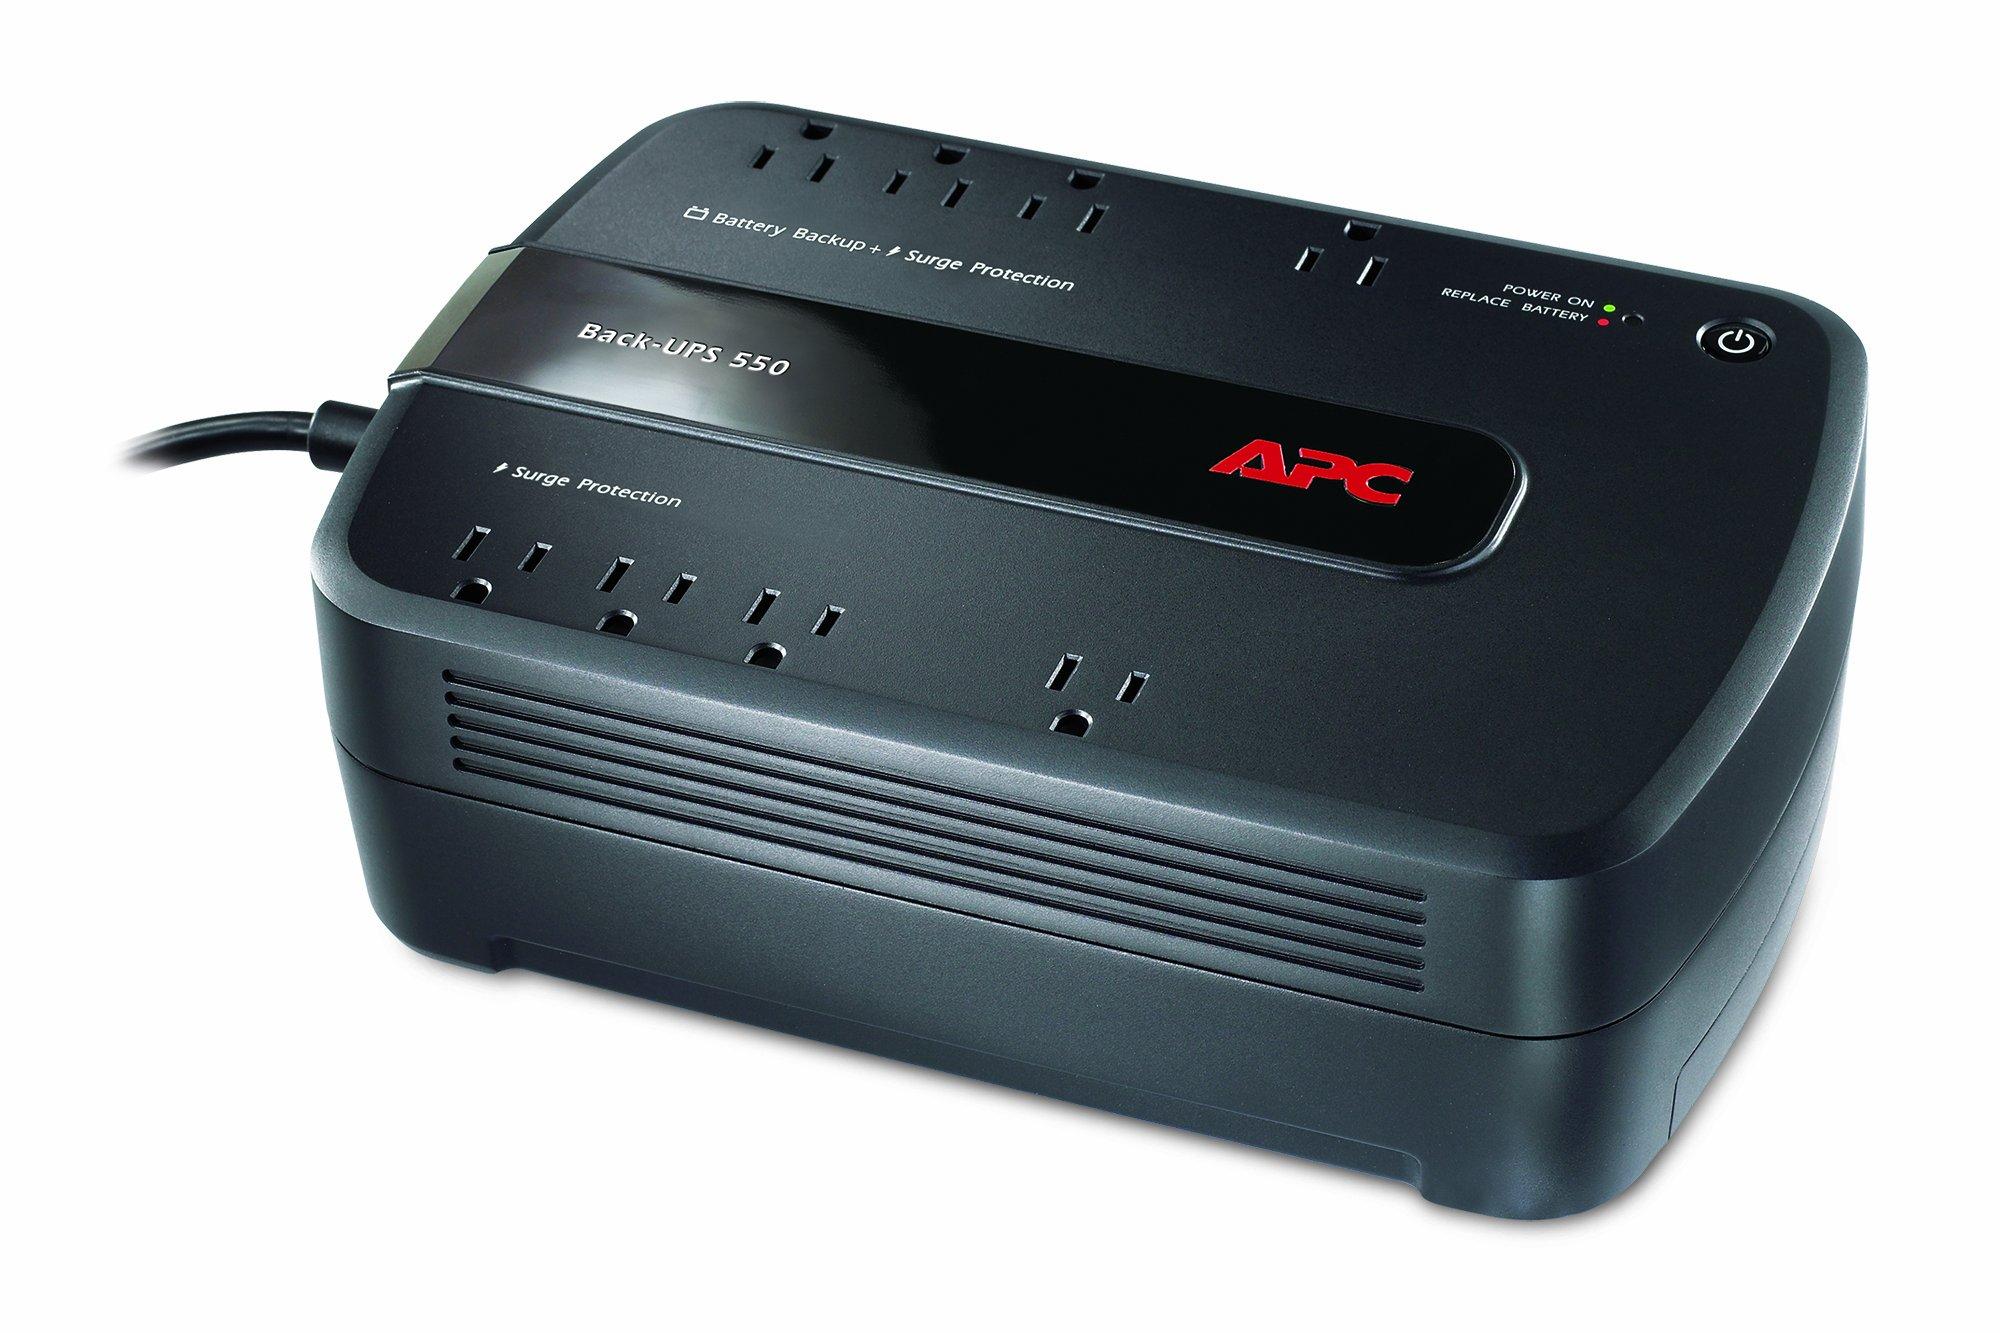 APC Back-UPS 550VA UPS Battery Backup & Surge Protector (BE550G) by APC